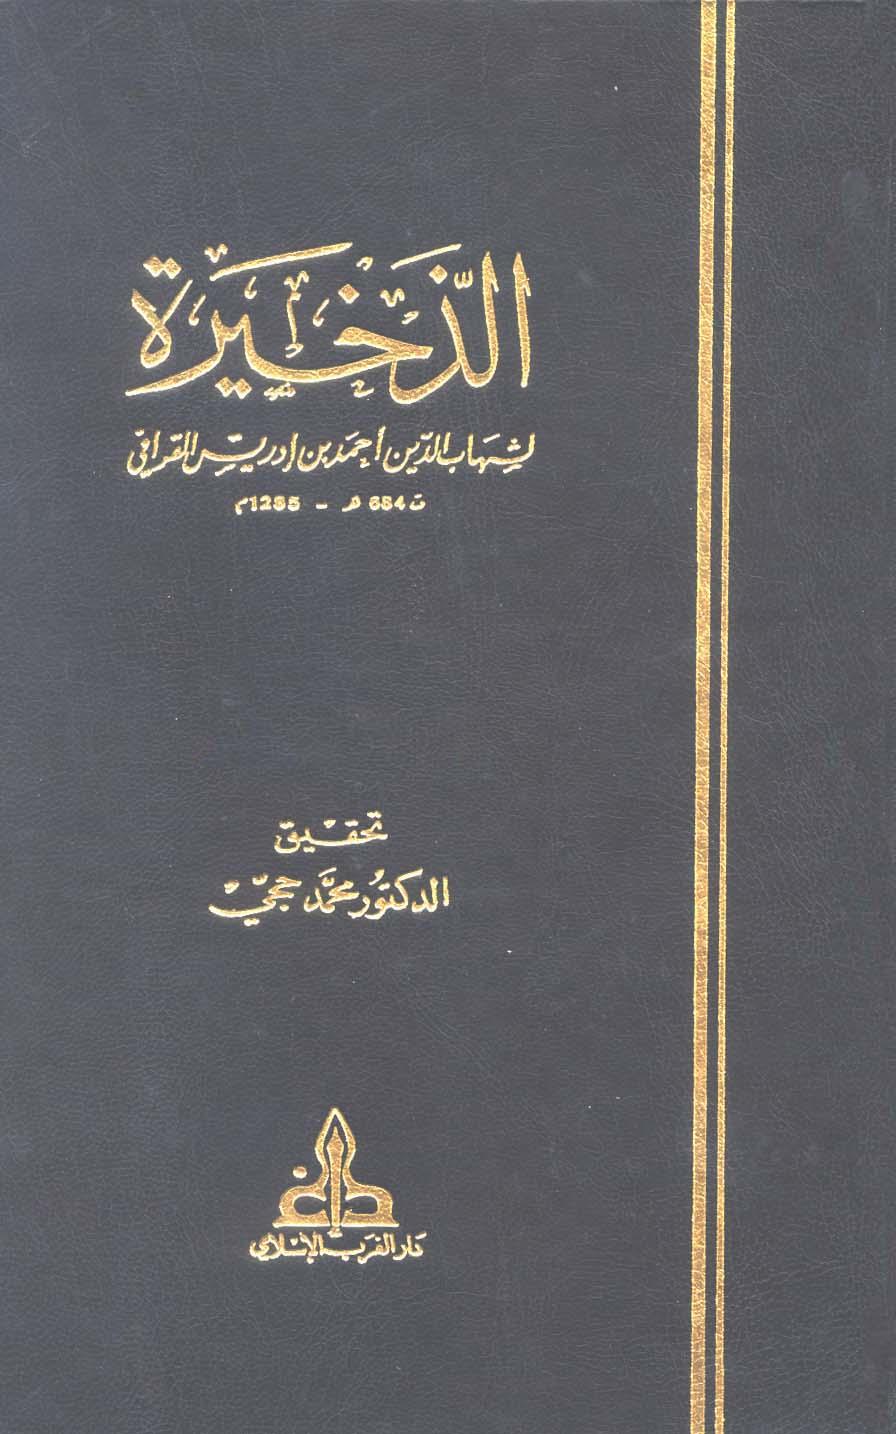 كتاب الذخيرة للقرافي - 14 مجلد على رابط واحد pdf